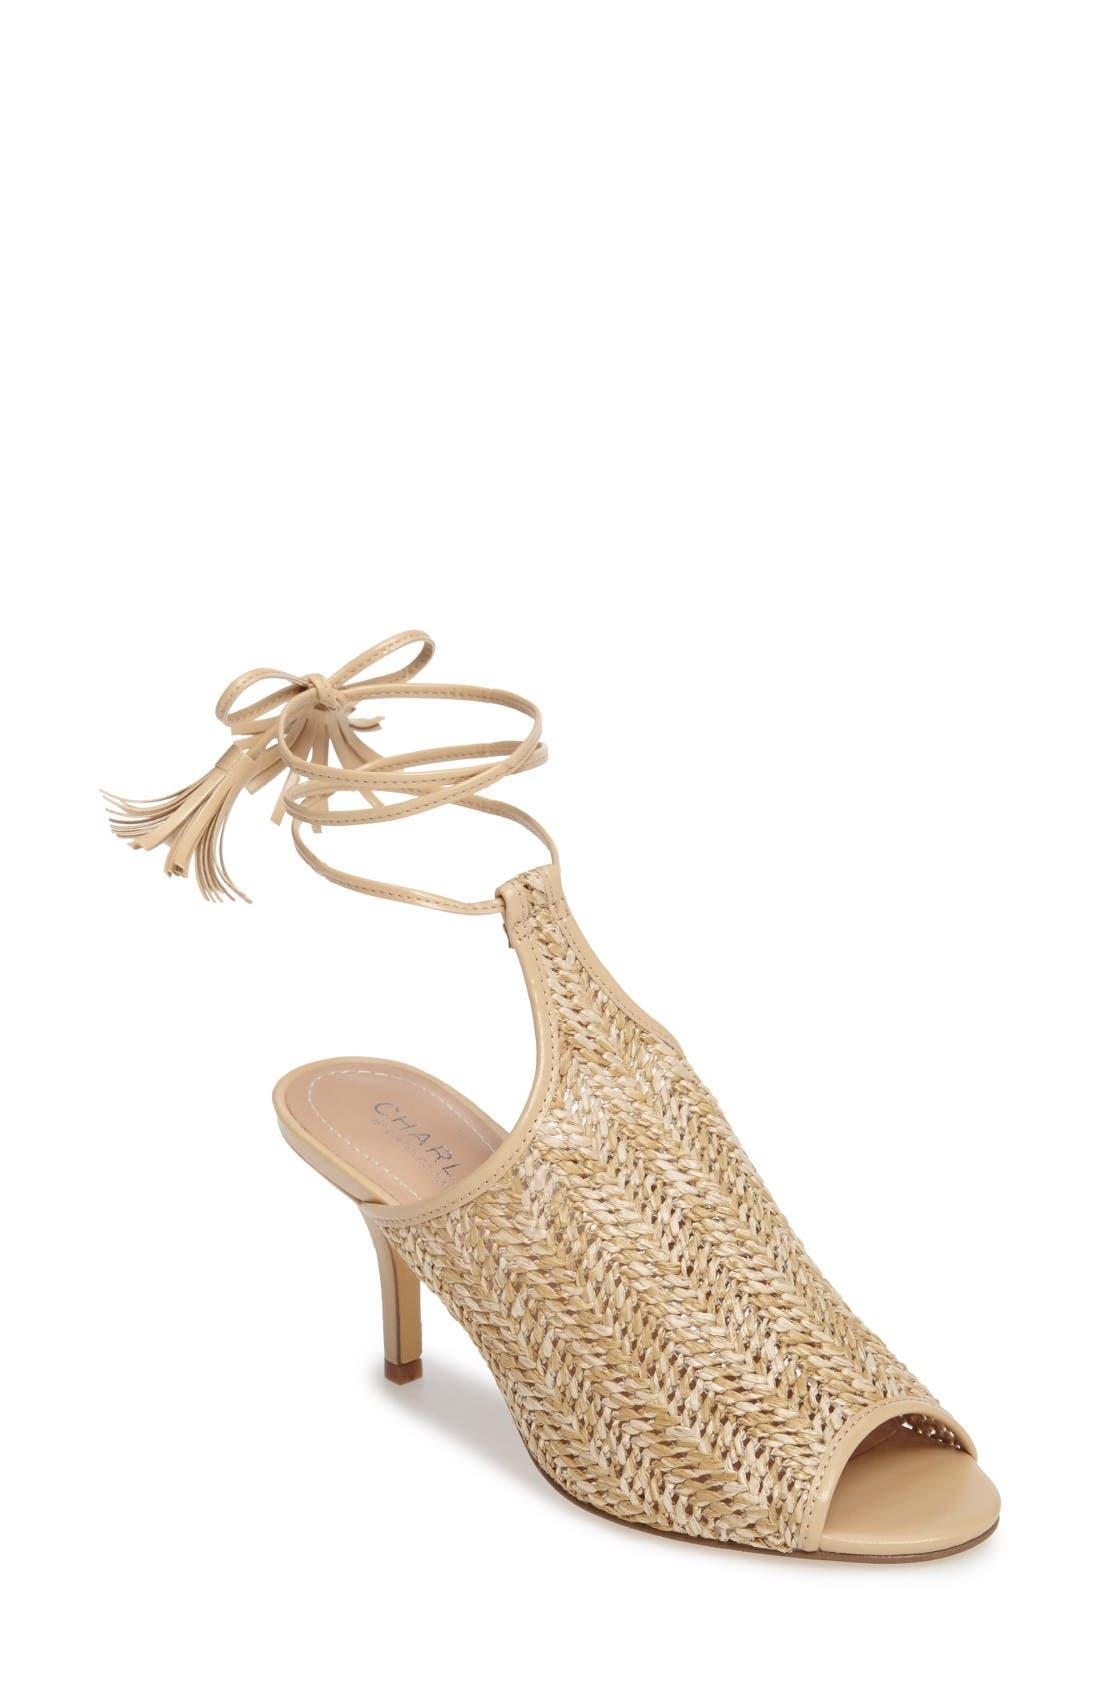 CHARLES BY CHARLES DAVID Niko Ankle Tie Sandal